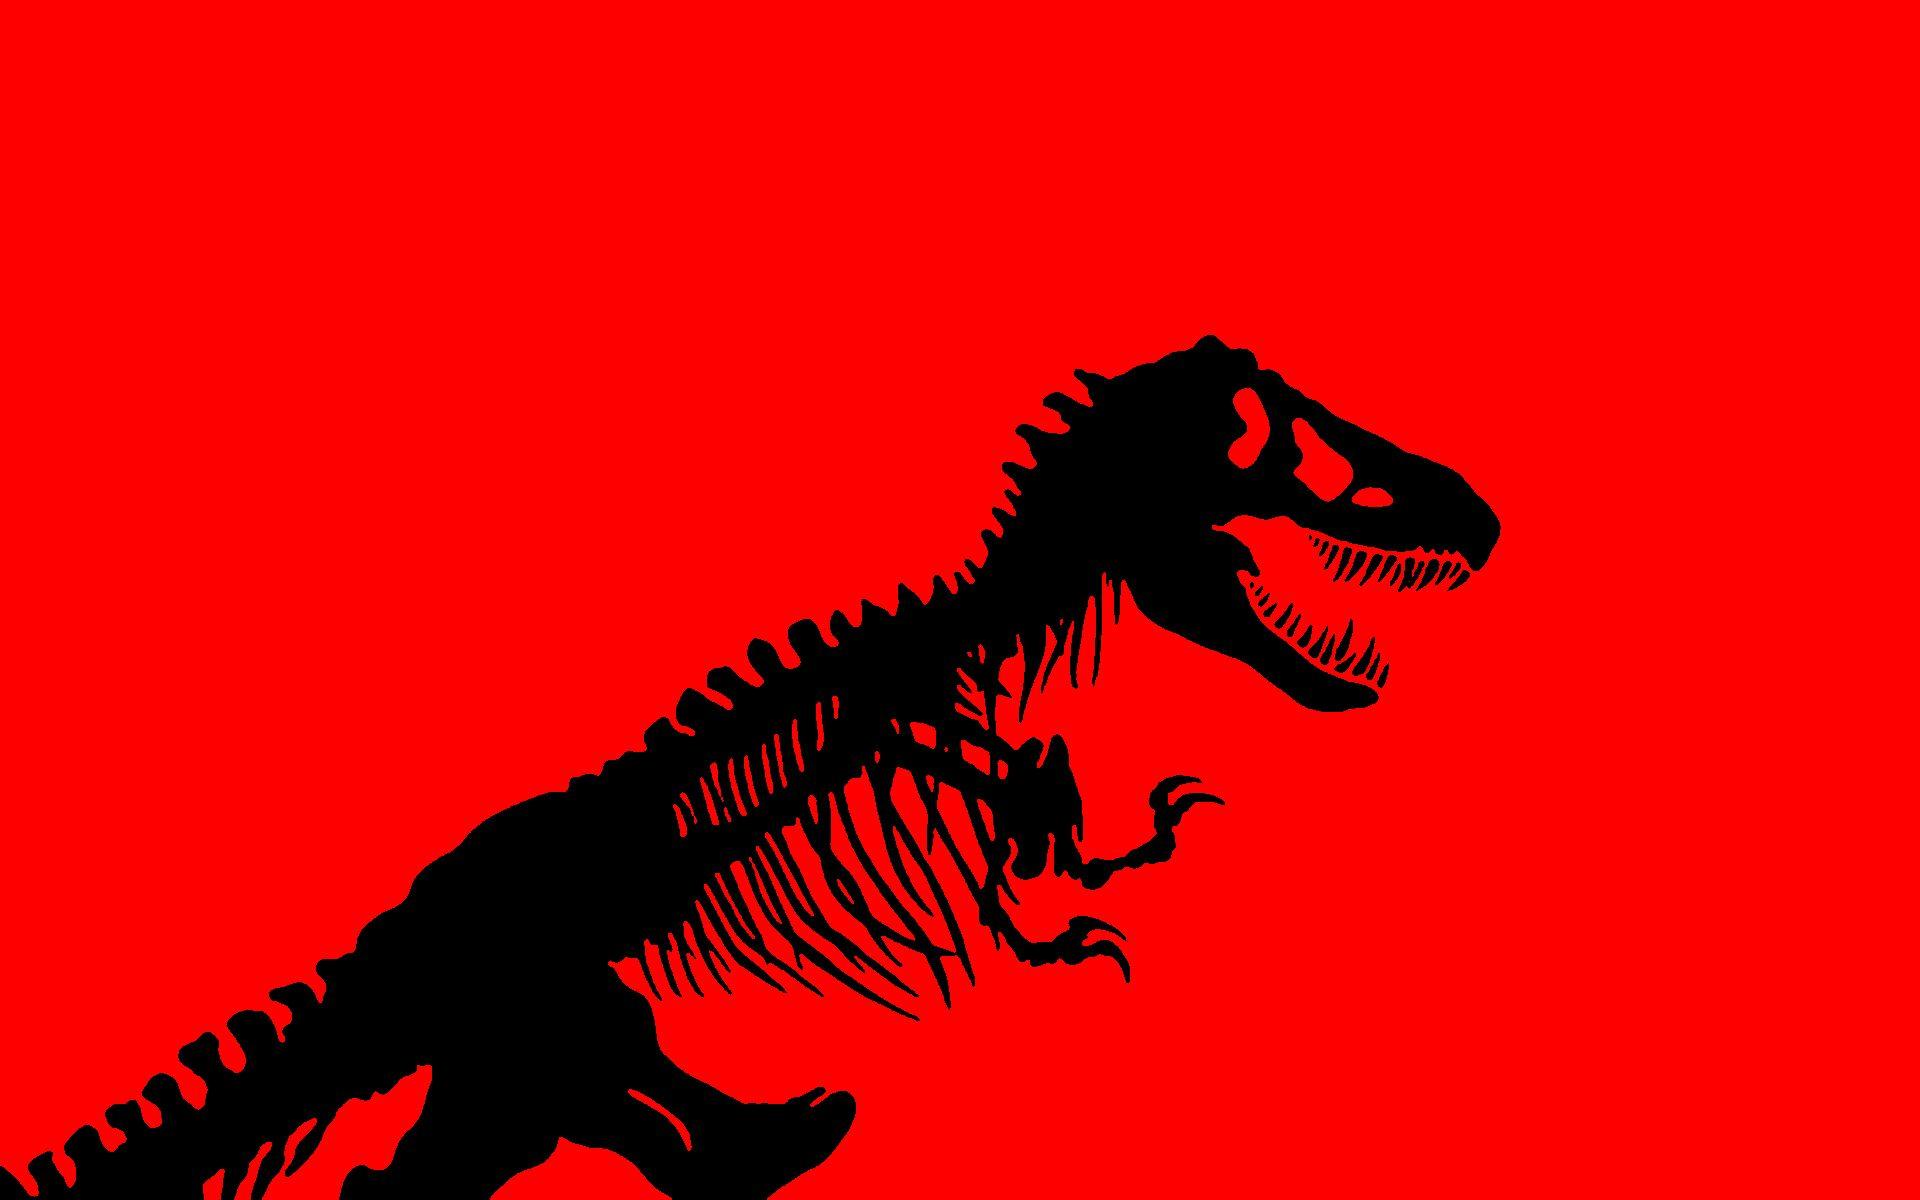 Full Jurassic Park T-Rex skeleton | Welcome to Jurassic ...